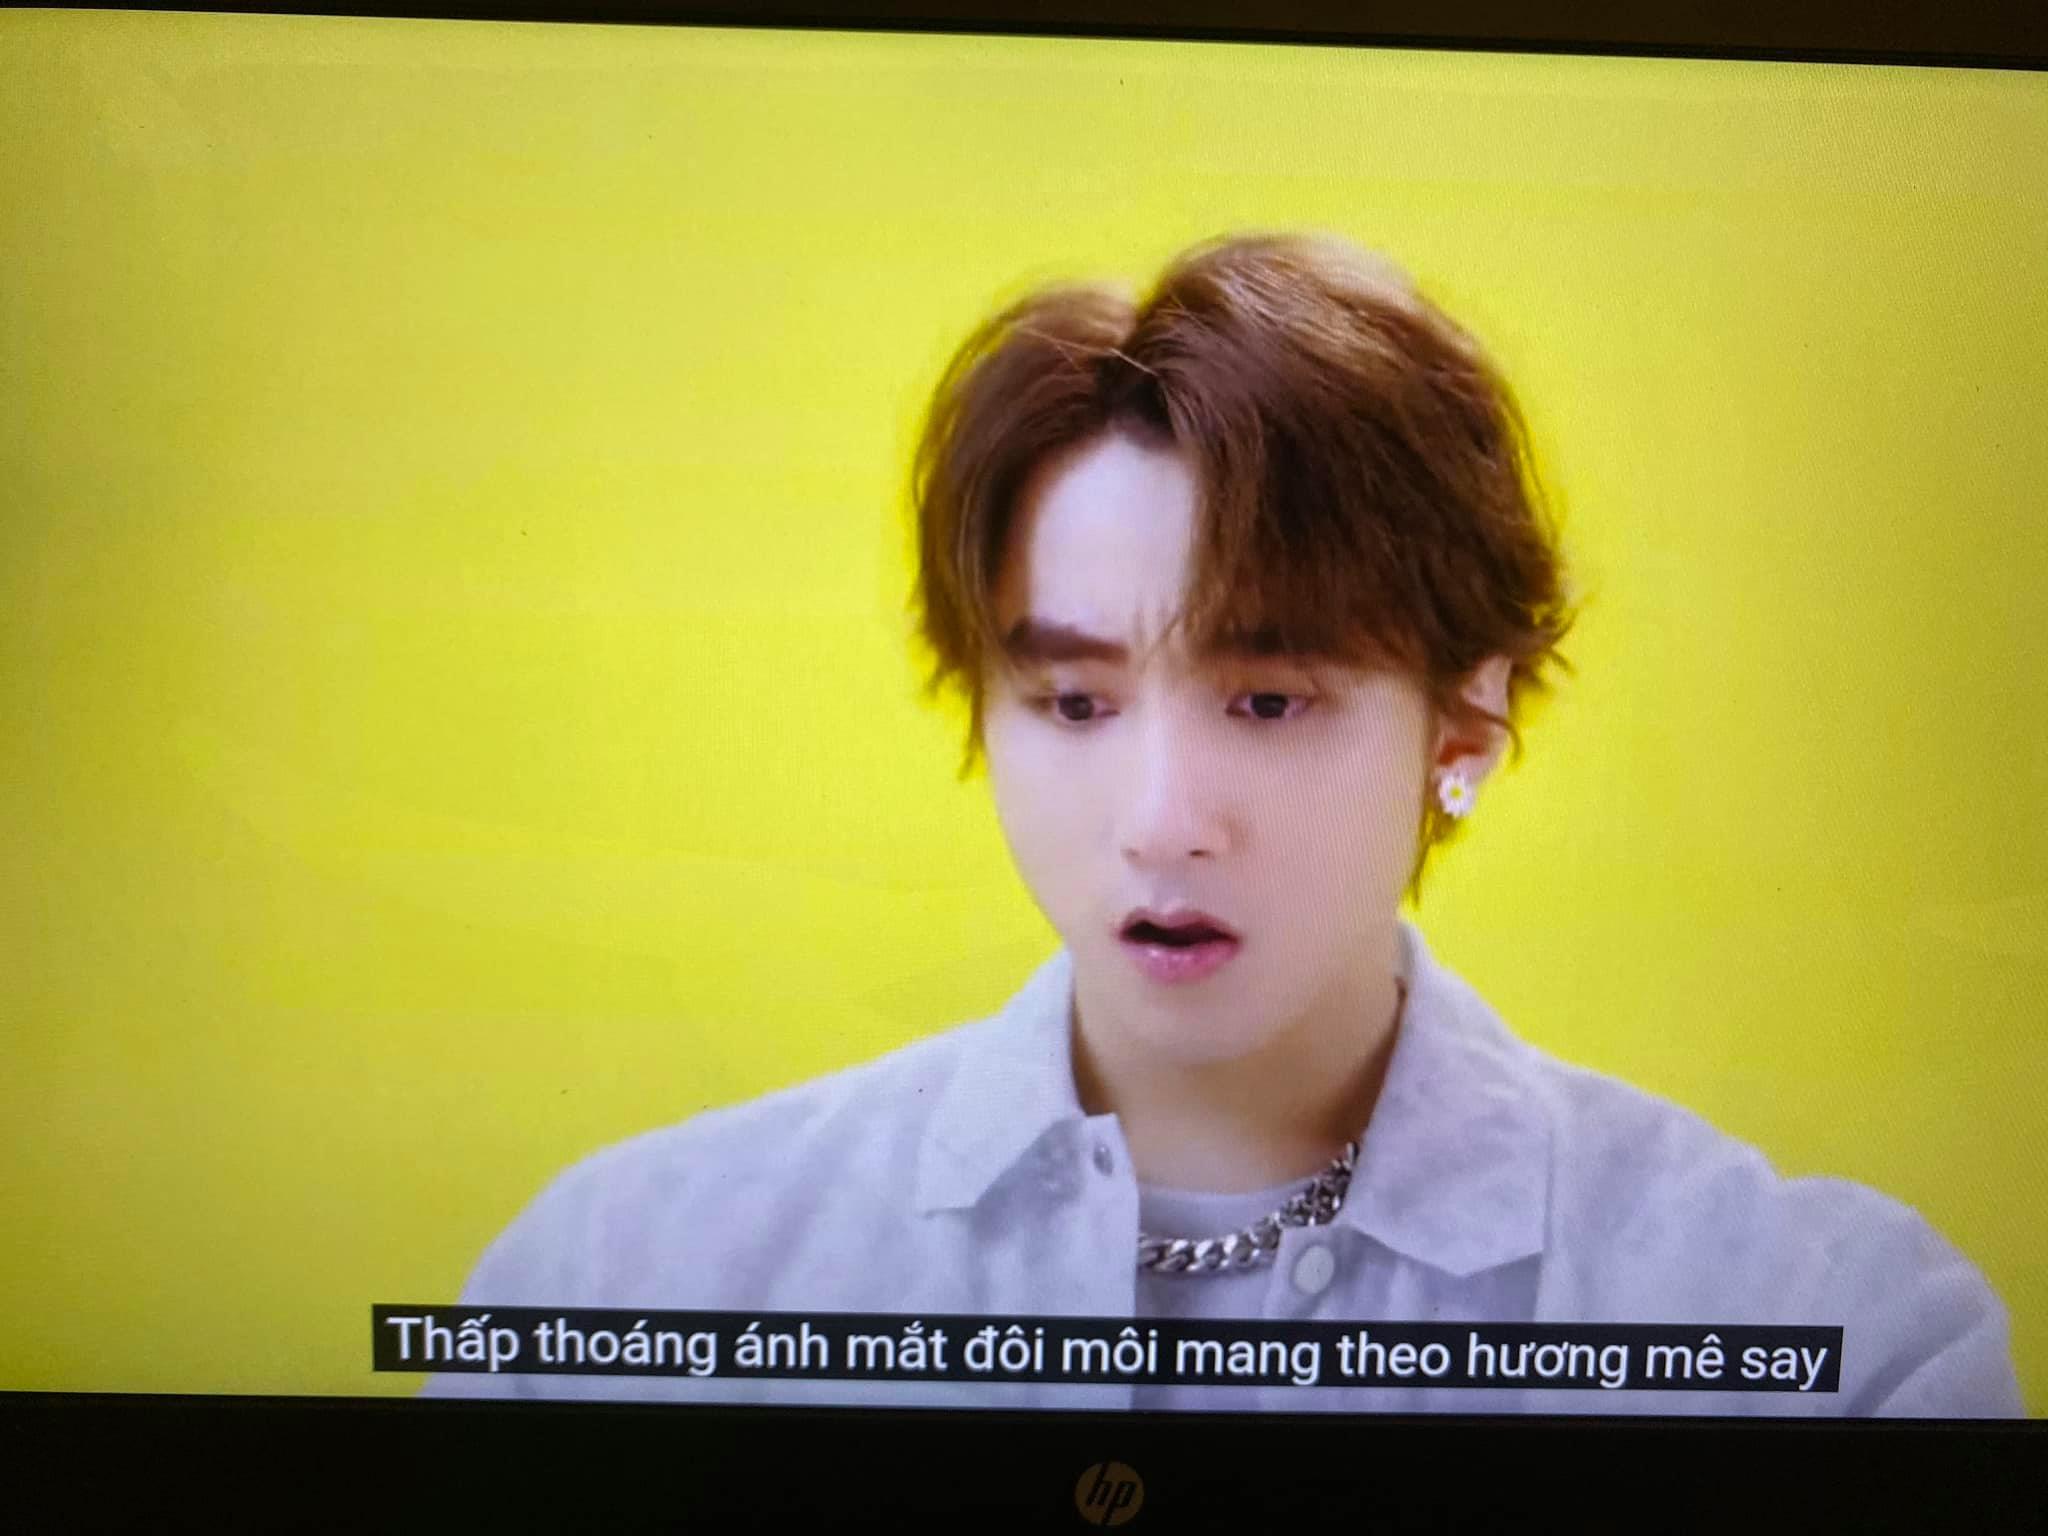 CDM soi ra 1 chi tiết thuộc về G-Dragon ngay trong MV Có chắc yêu là đây của Sơn Tùng